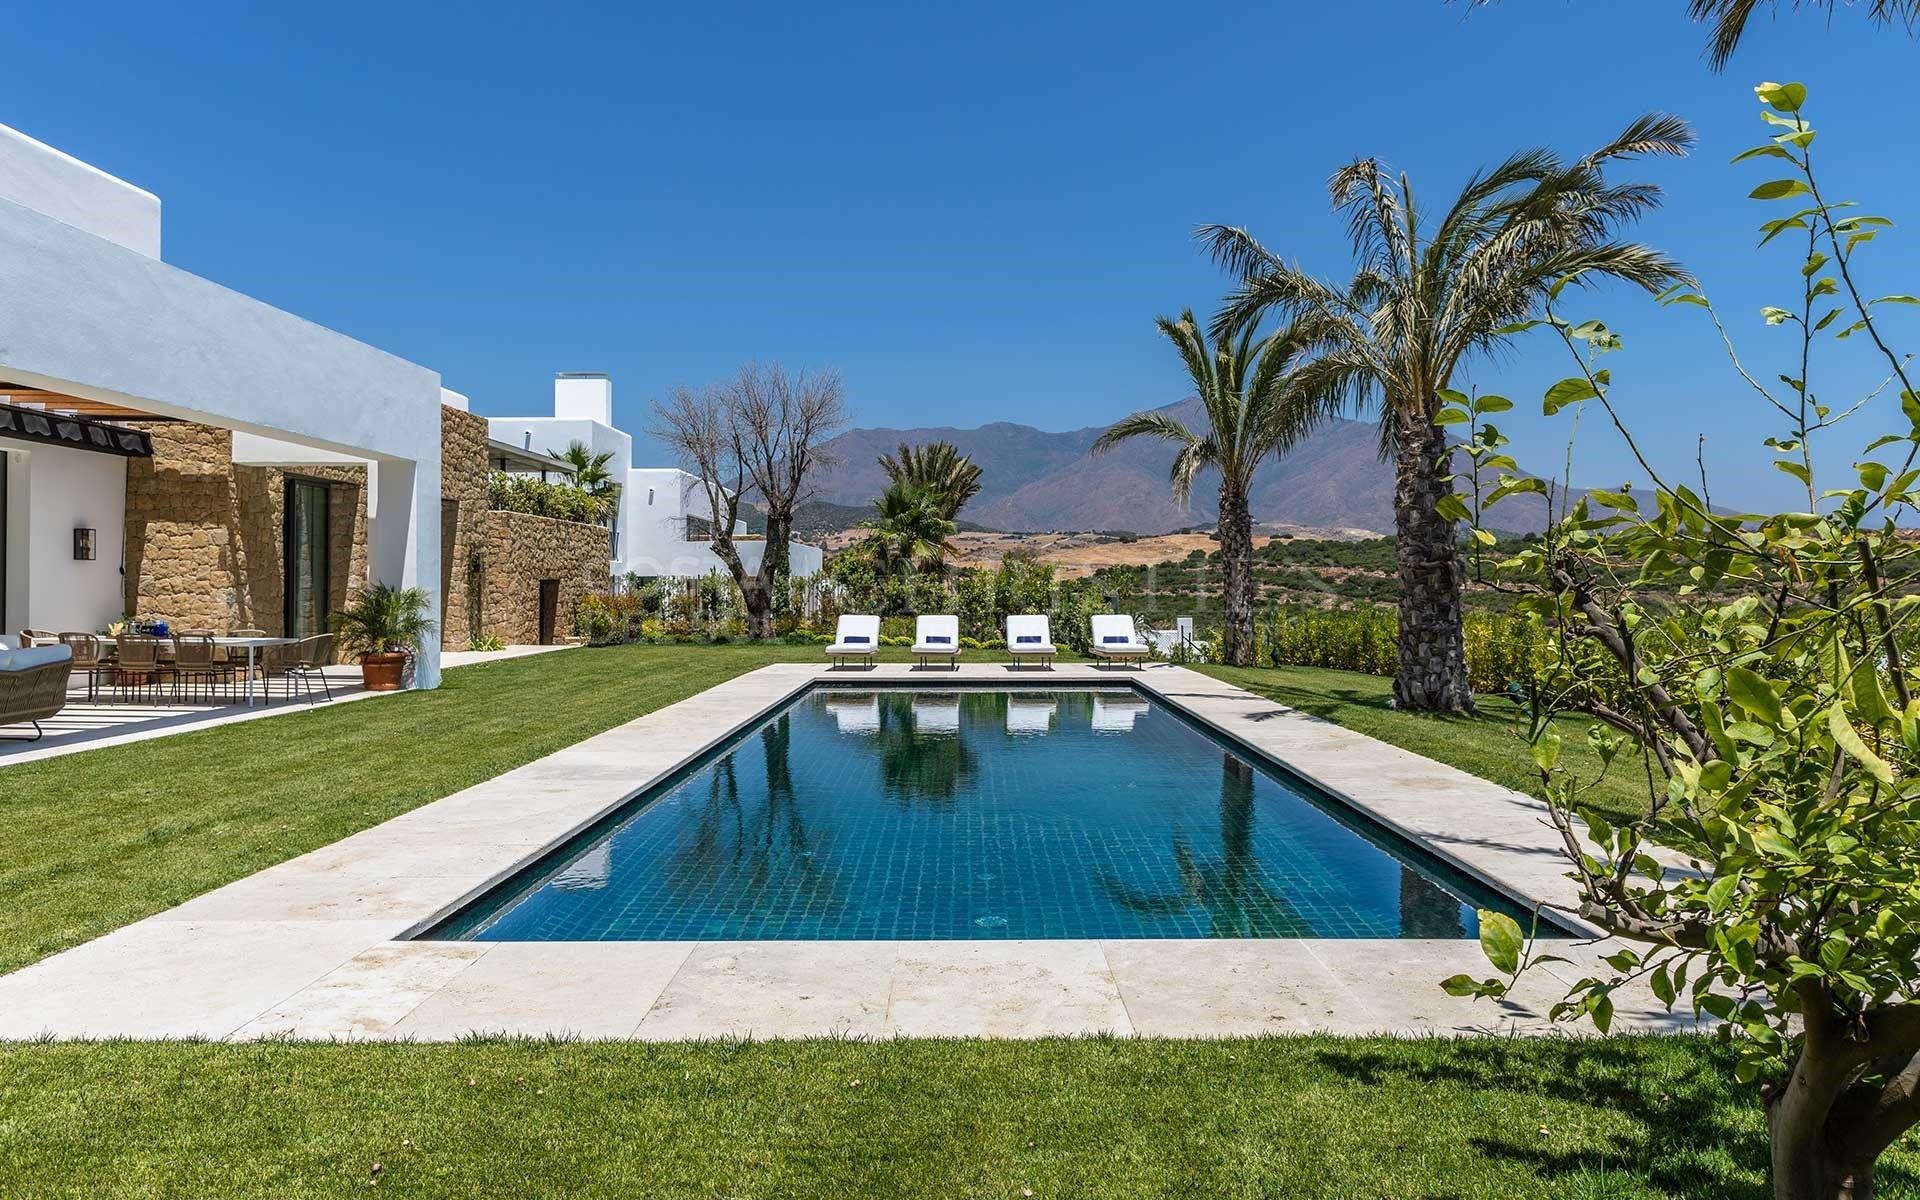 Astonishing Villa 3 - Green 10, Finca Cortesín | Christie's International Real Estate